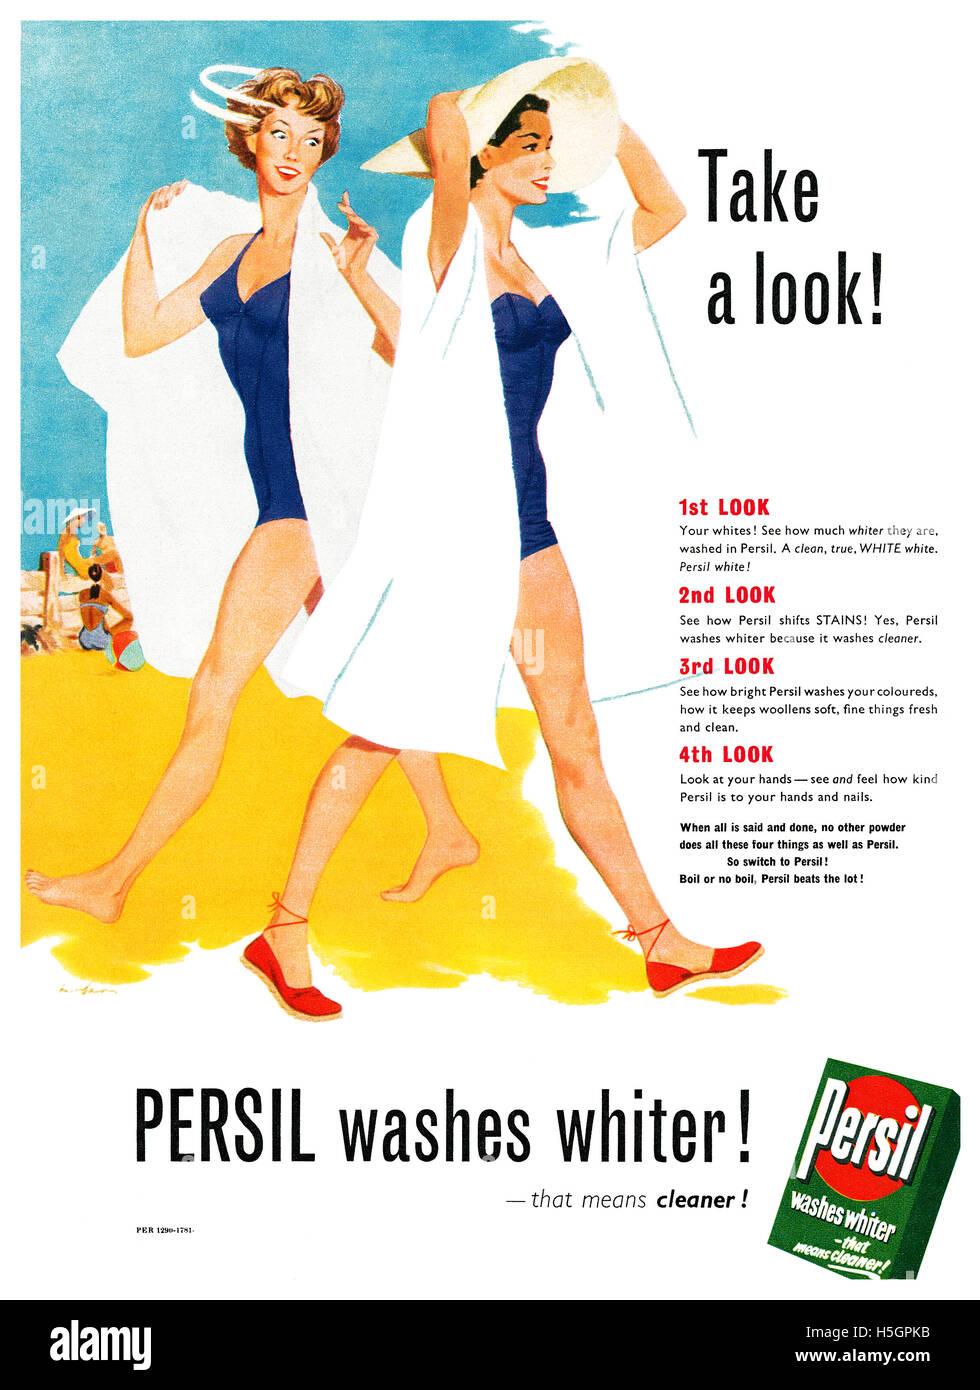 Persil Advert Stock Photos & Persil Advert Stock Images